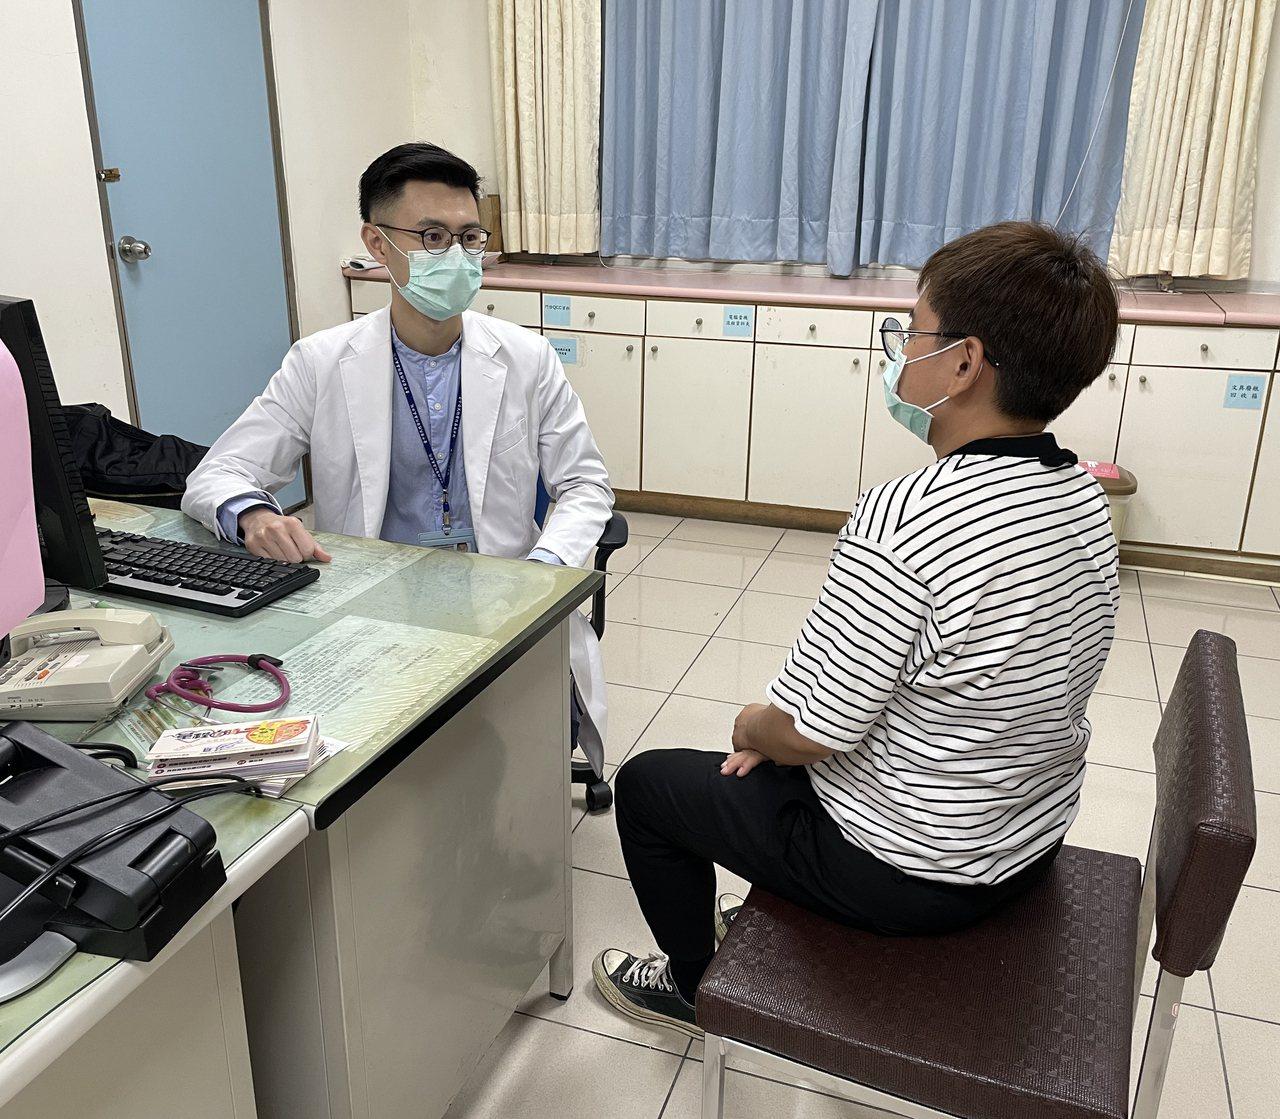 60歲王先生因疫情沒回診、吃藥,導致血糖飆升,突然喪失意識送急診。圖為示意圖,患...